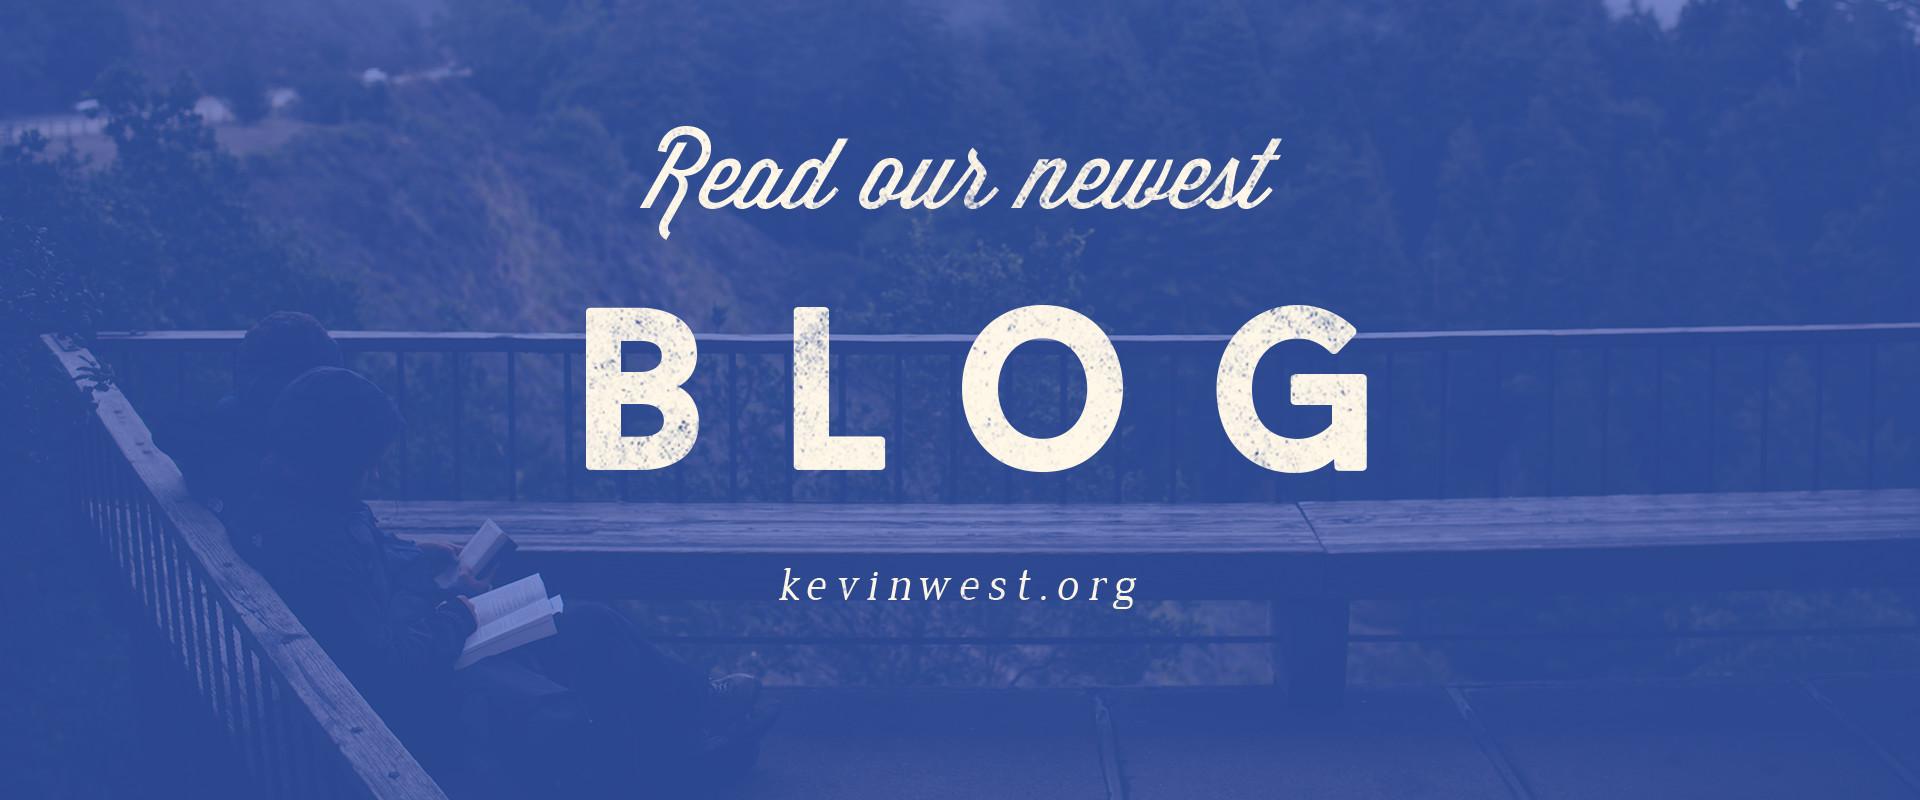 blog slider.jpg